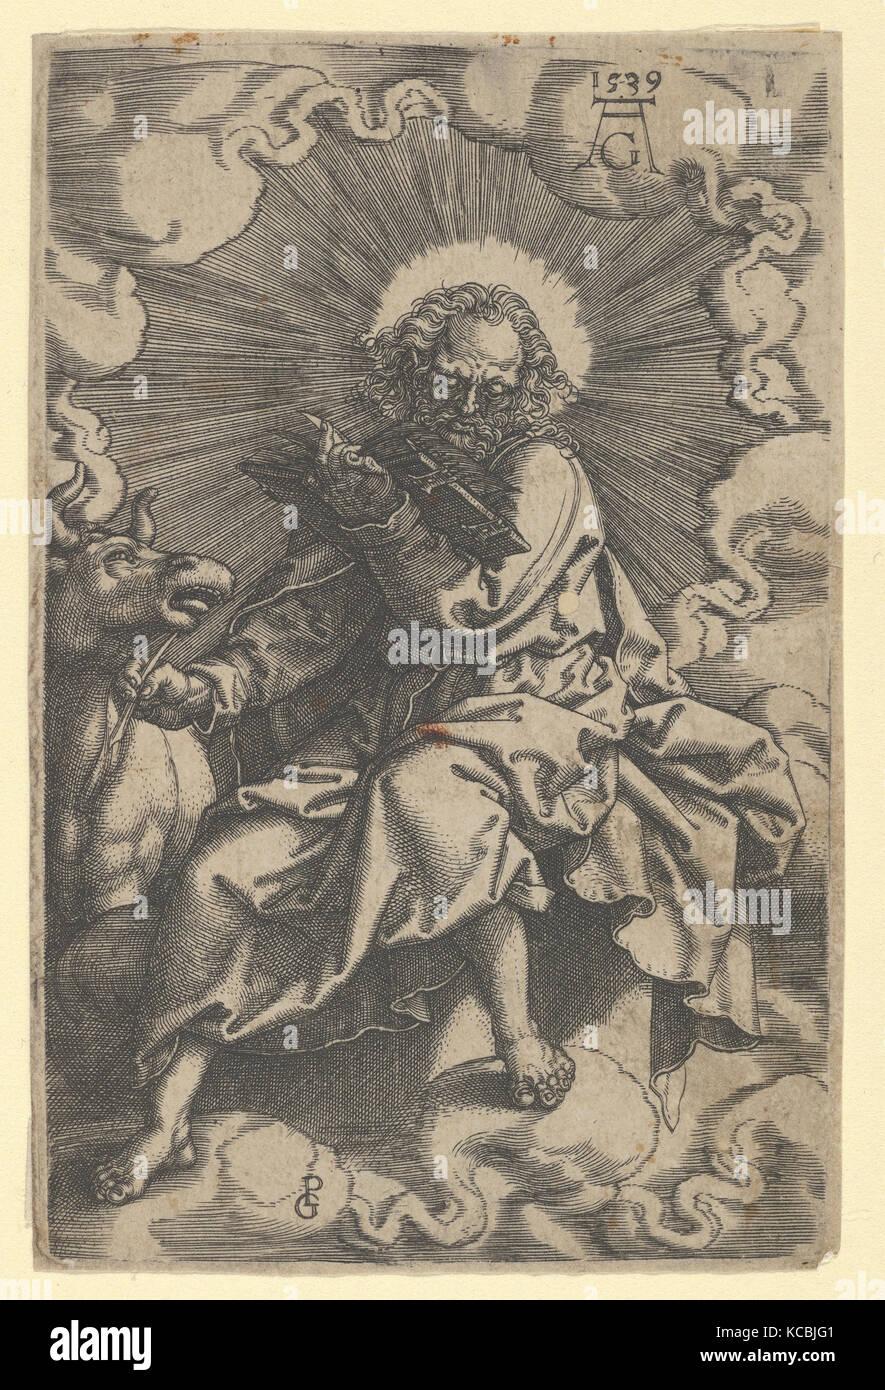 Saint Luke, from The Four Evangelists, Heinrich Aldegrever, 1539 - Stock Image